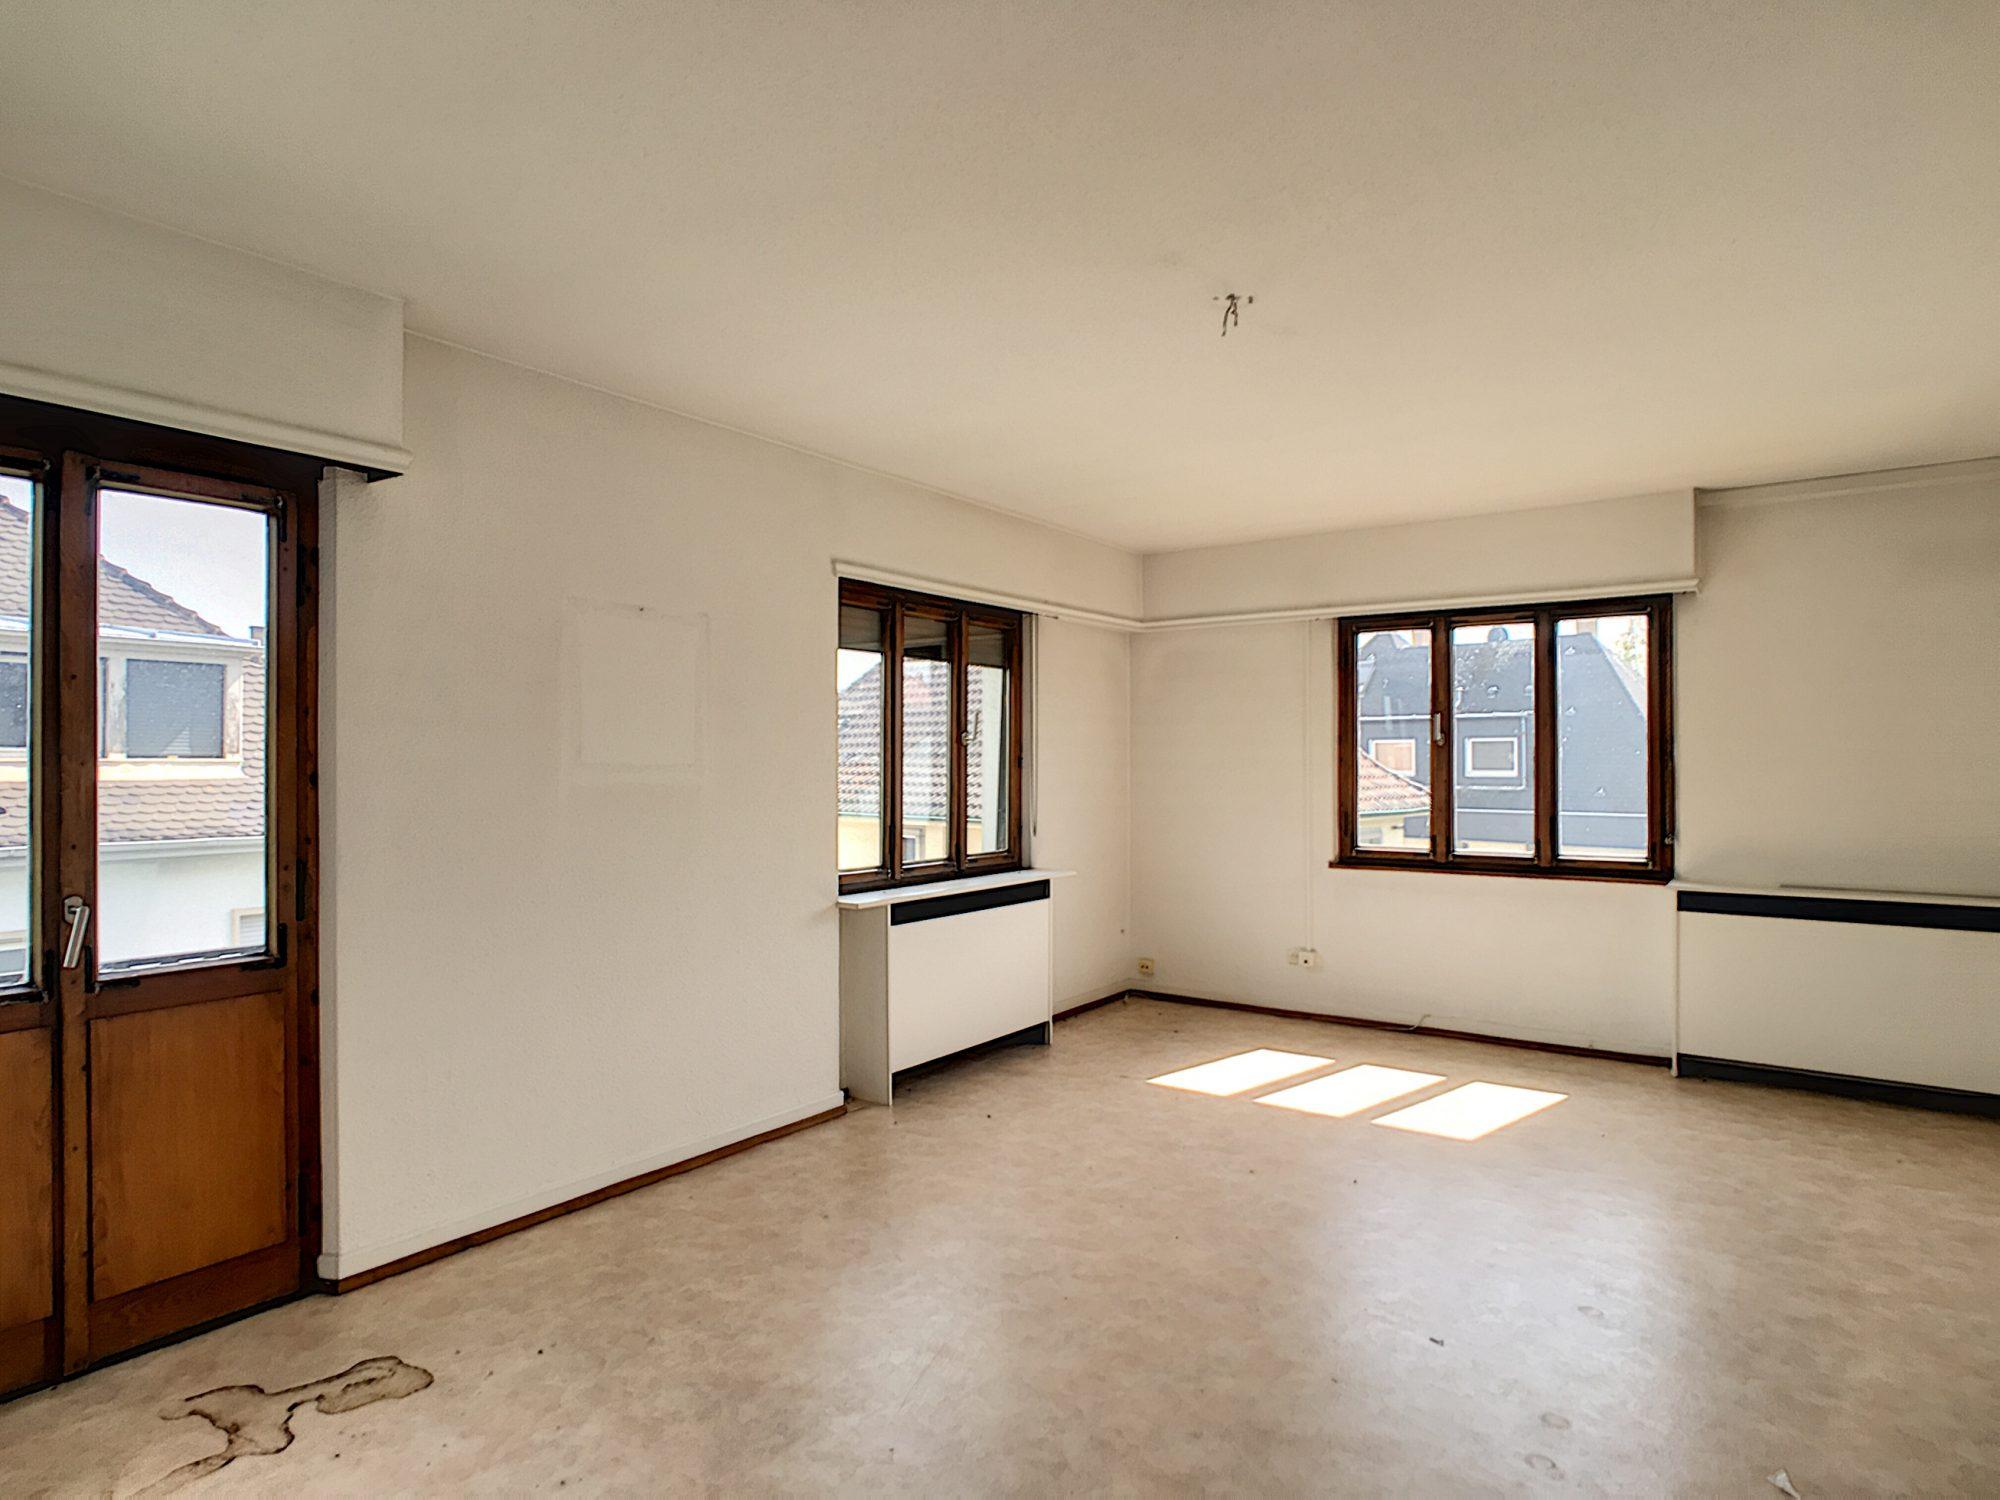 CONTADES Appartement 5 pièces de 109m² à rénover